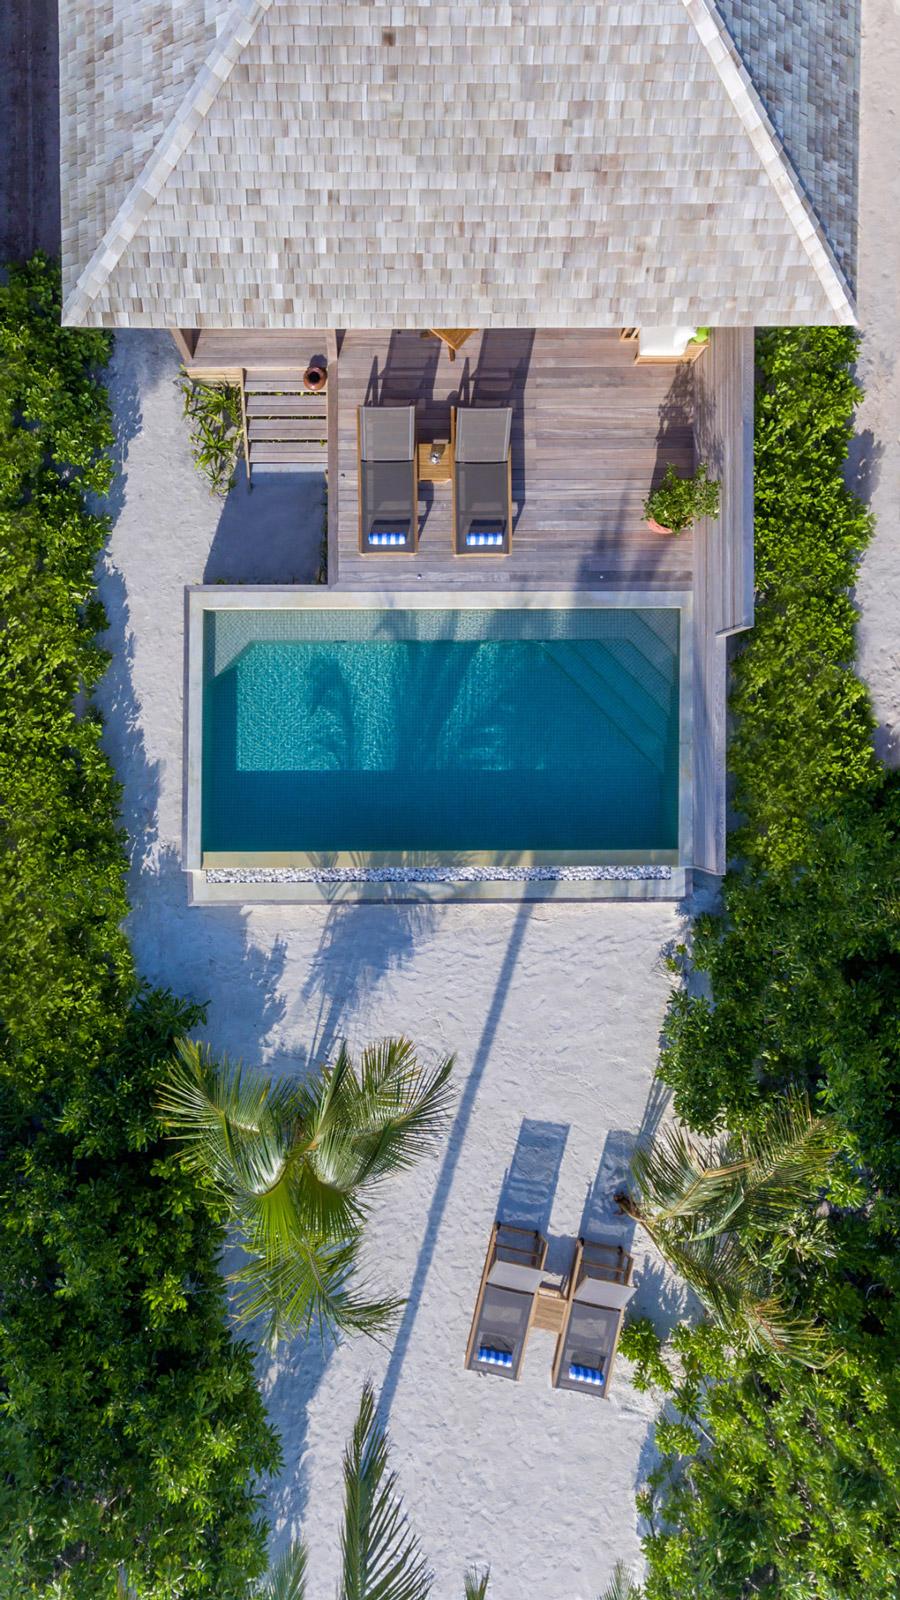 Aerial view of a beach house